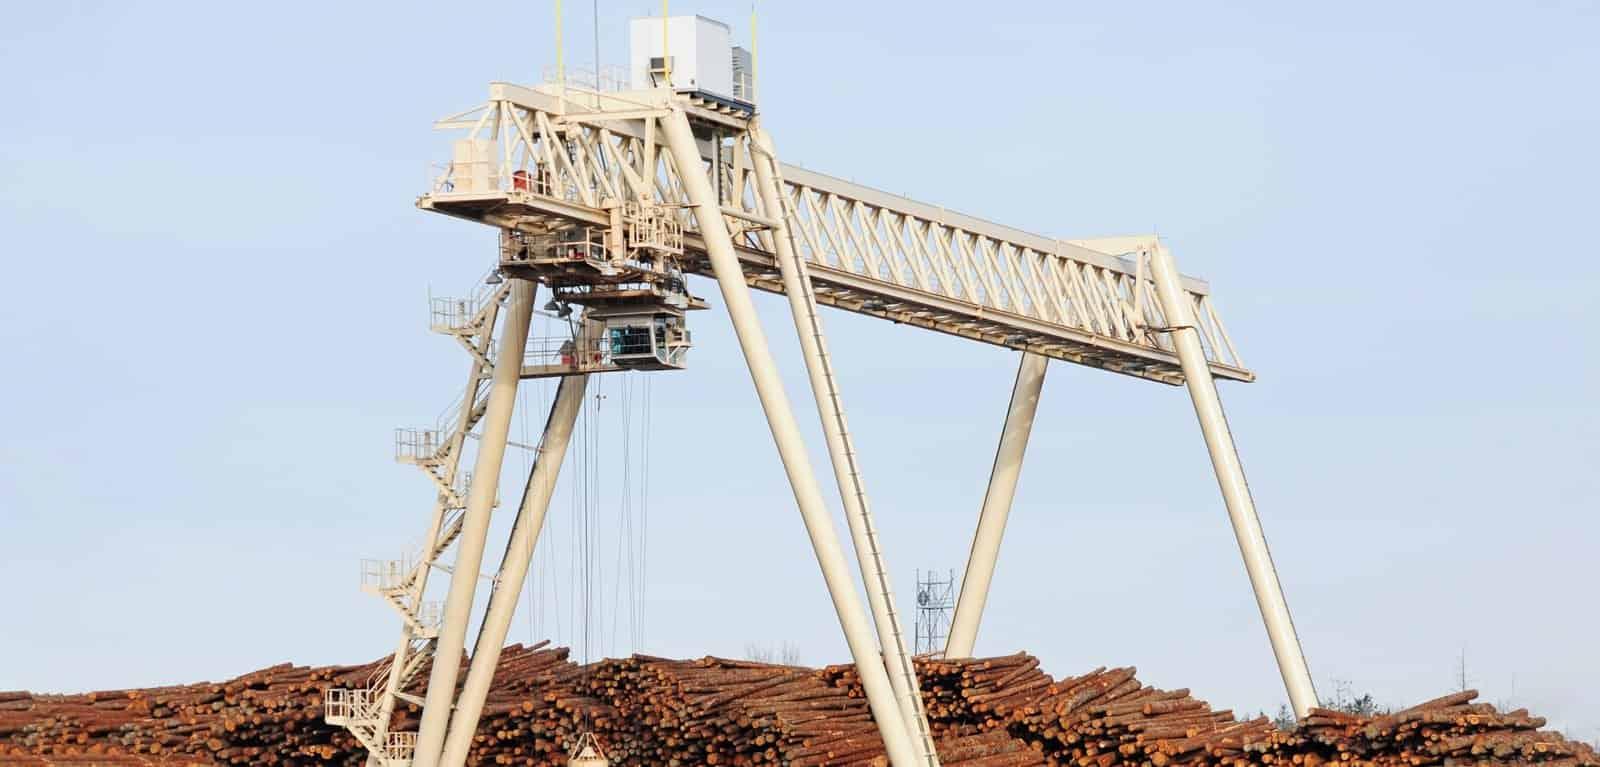 Large Gantry Crane at a Lumber Yard